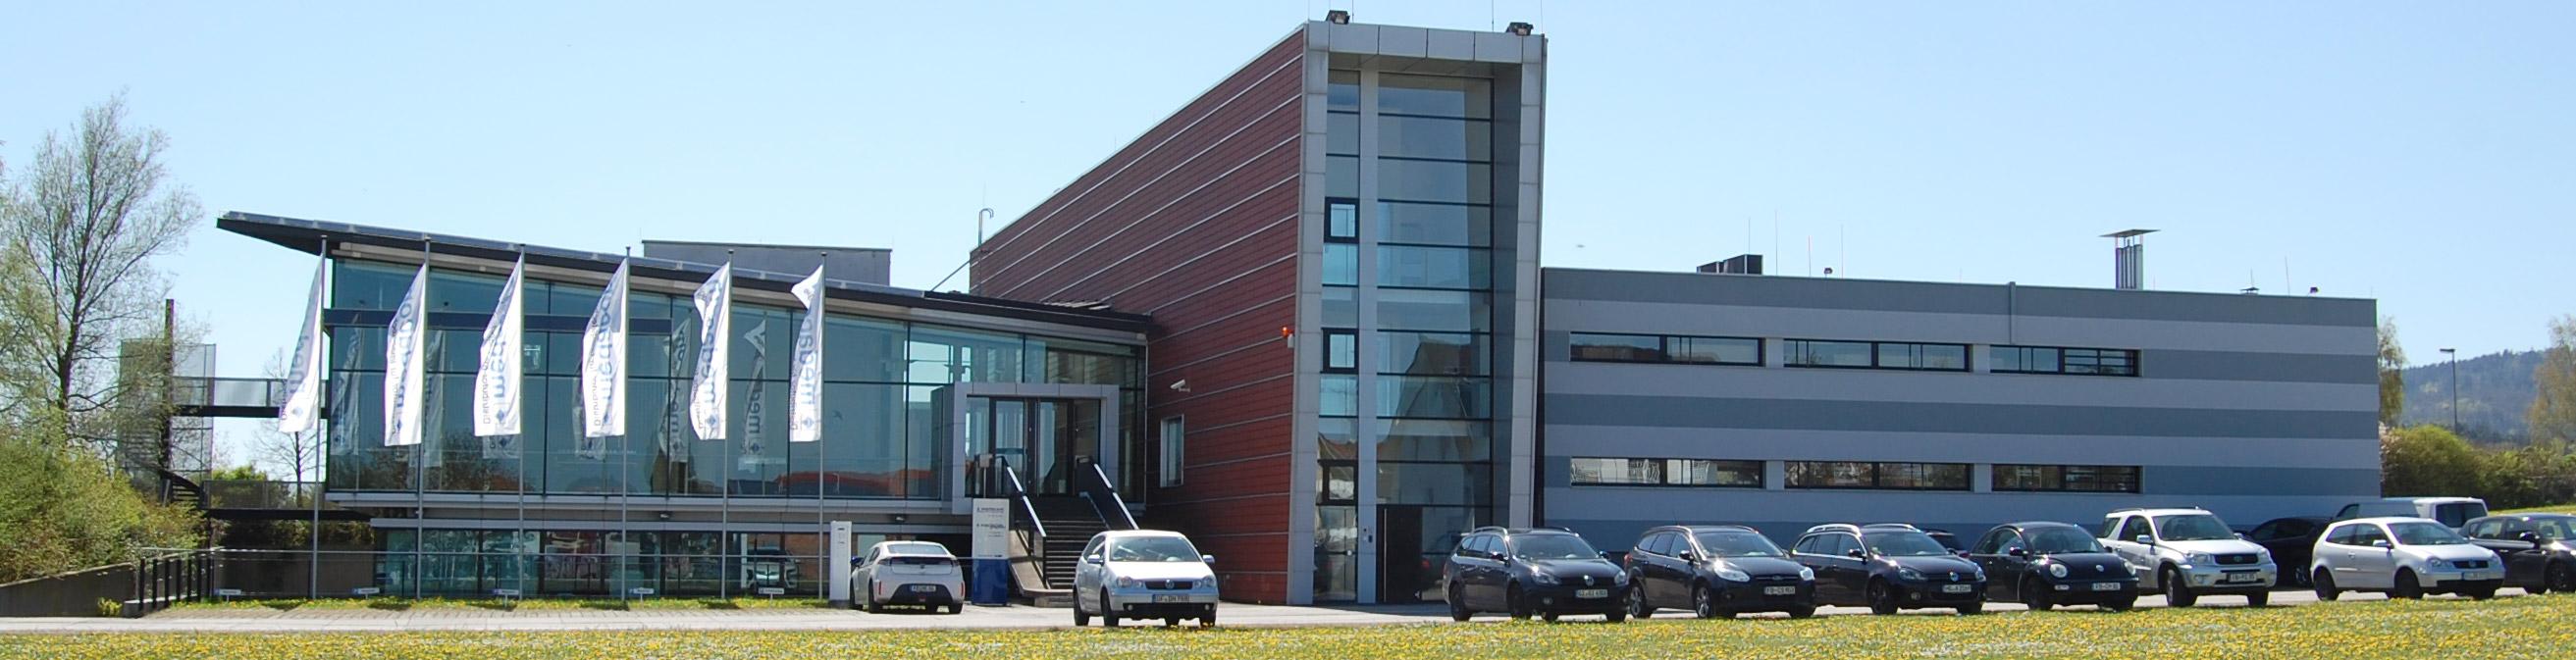 Firmensitz der medacom GmbH